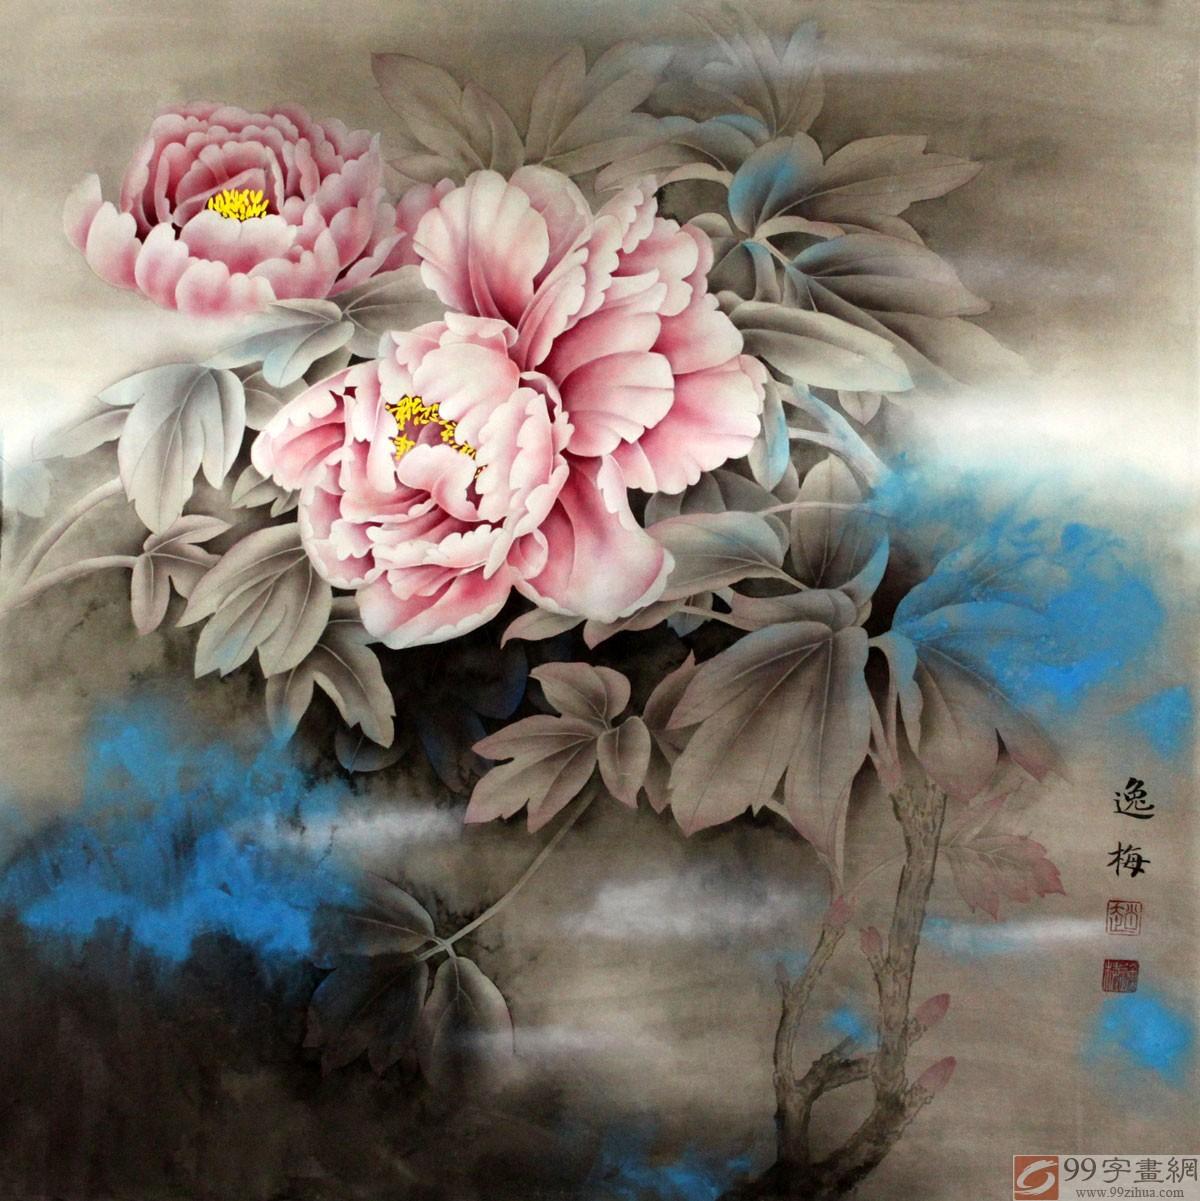 春色富贵工笔牡丹图 - 牡丹画